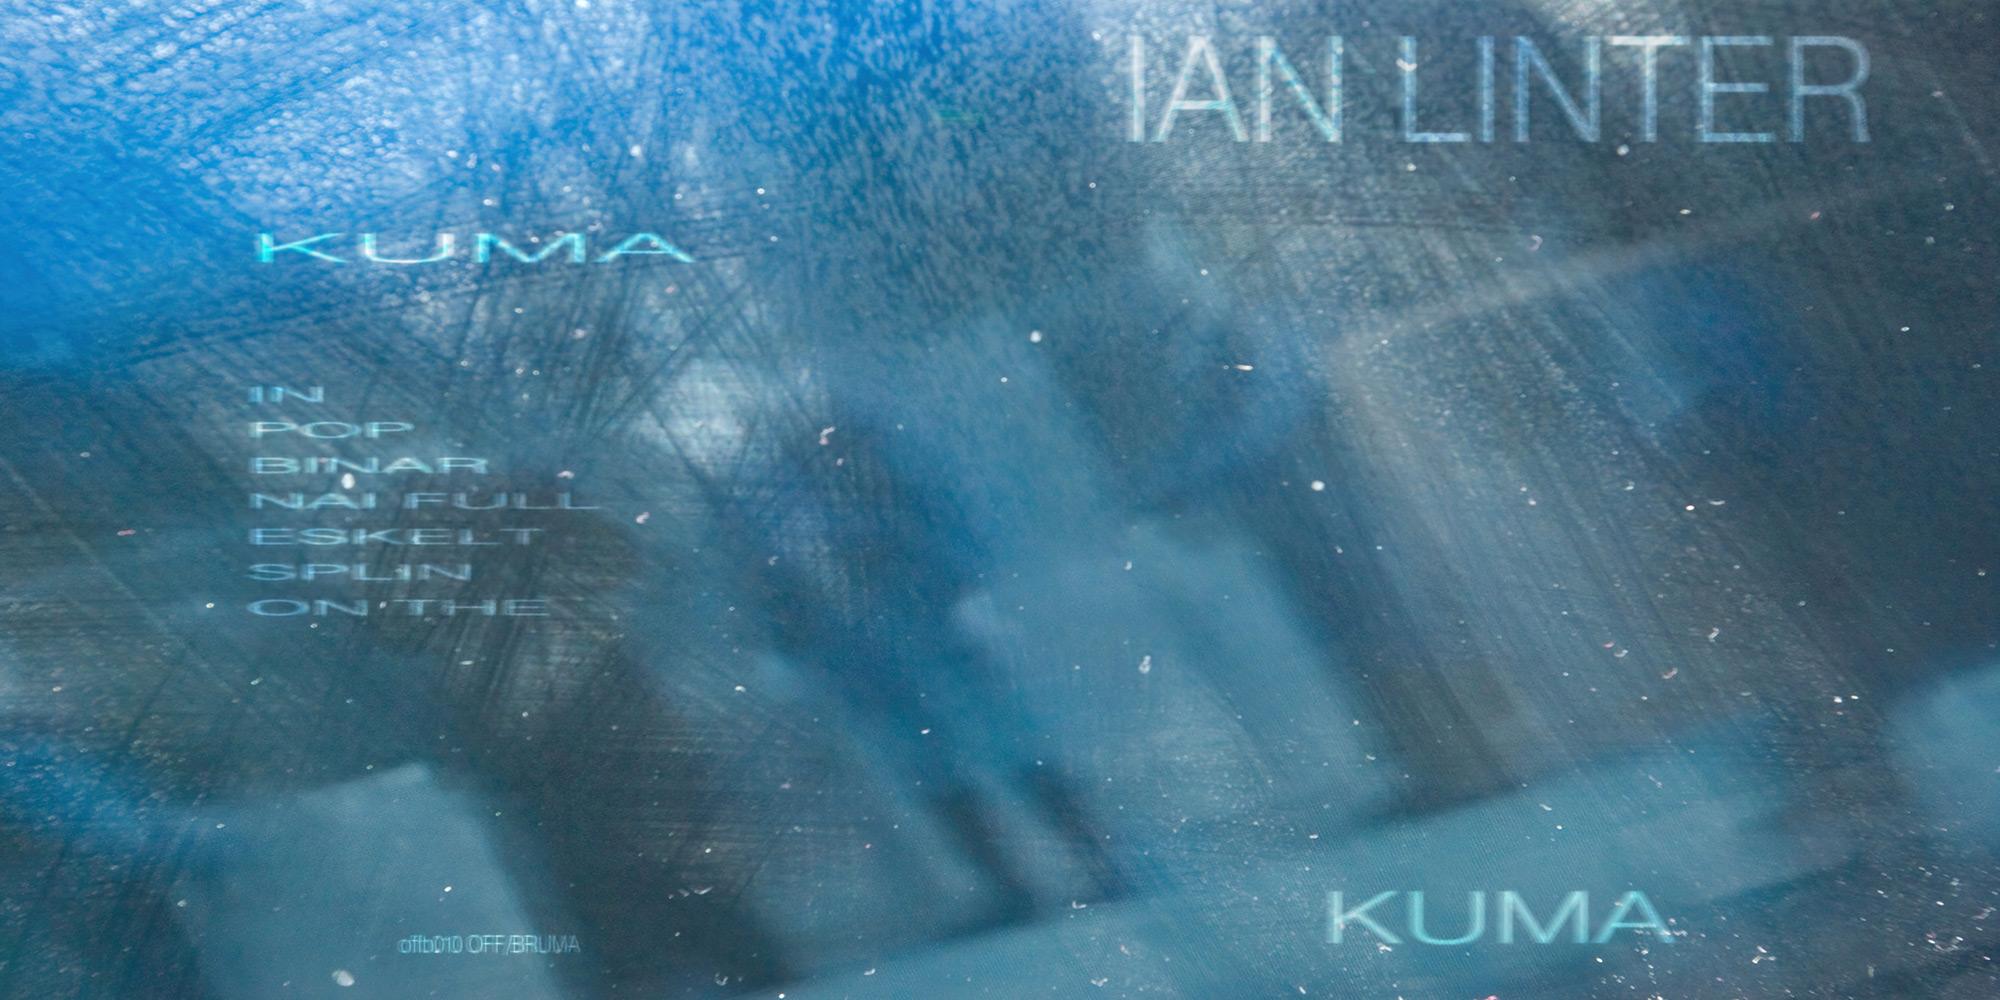 Ian Linter - Kuma